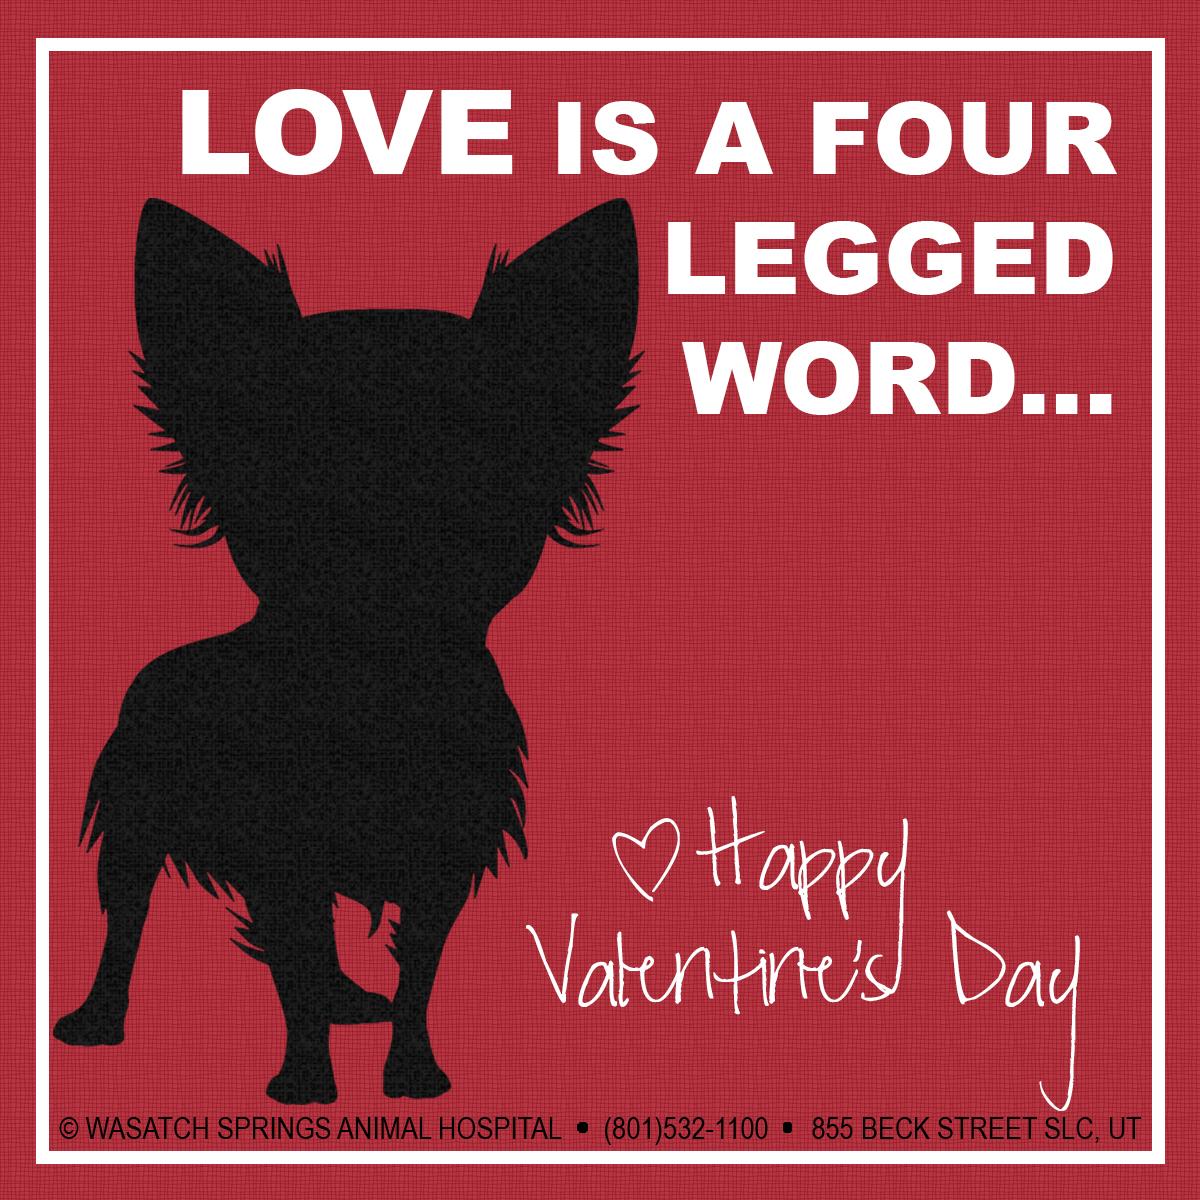 Valentines2015-WSAH-dogLOVE.jpg